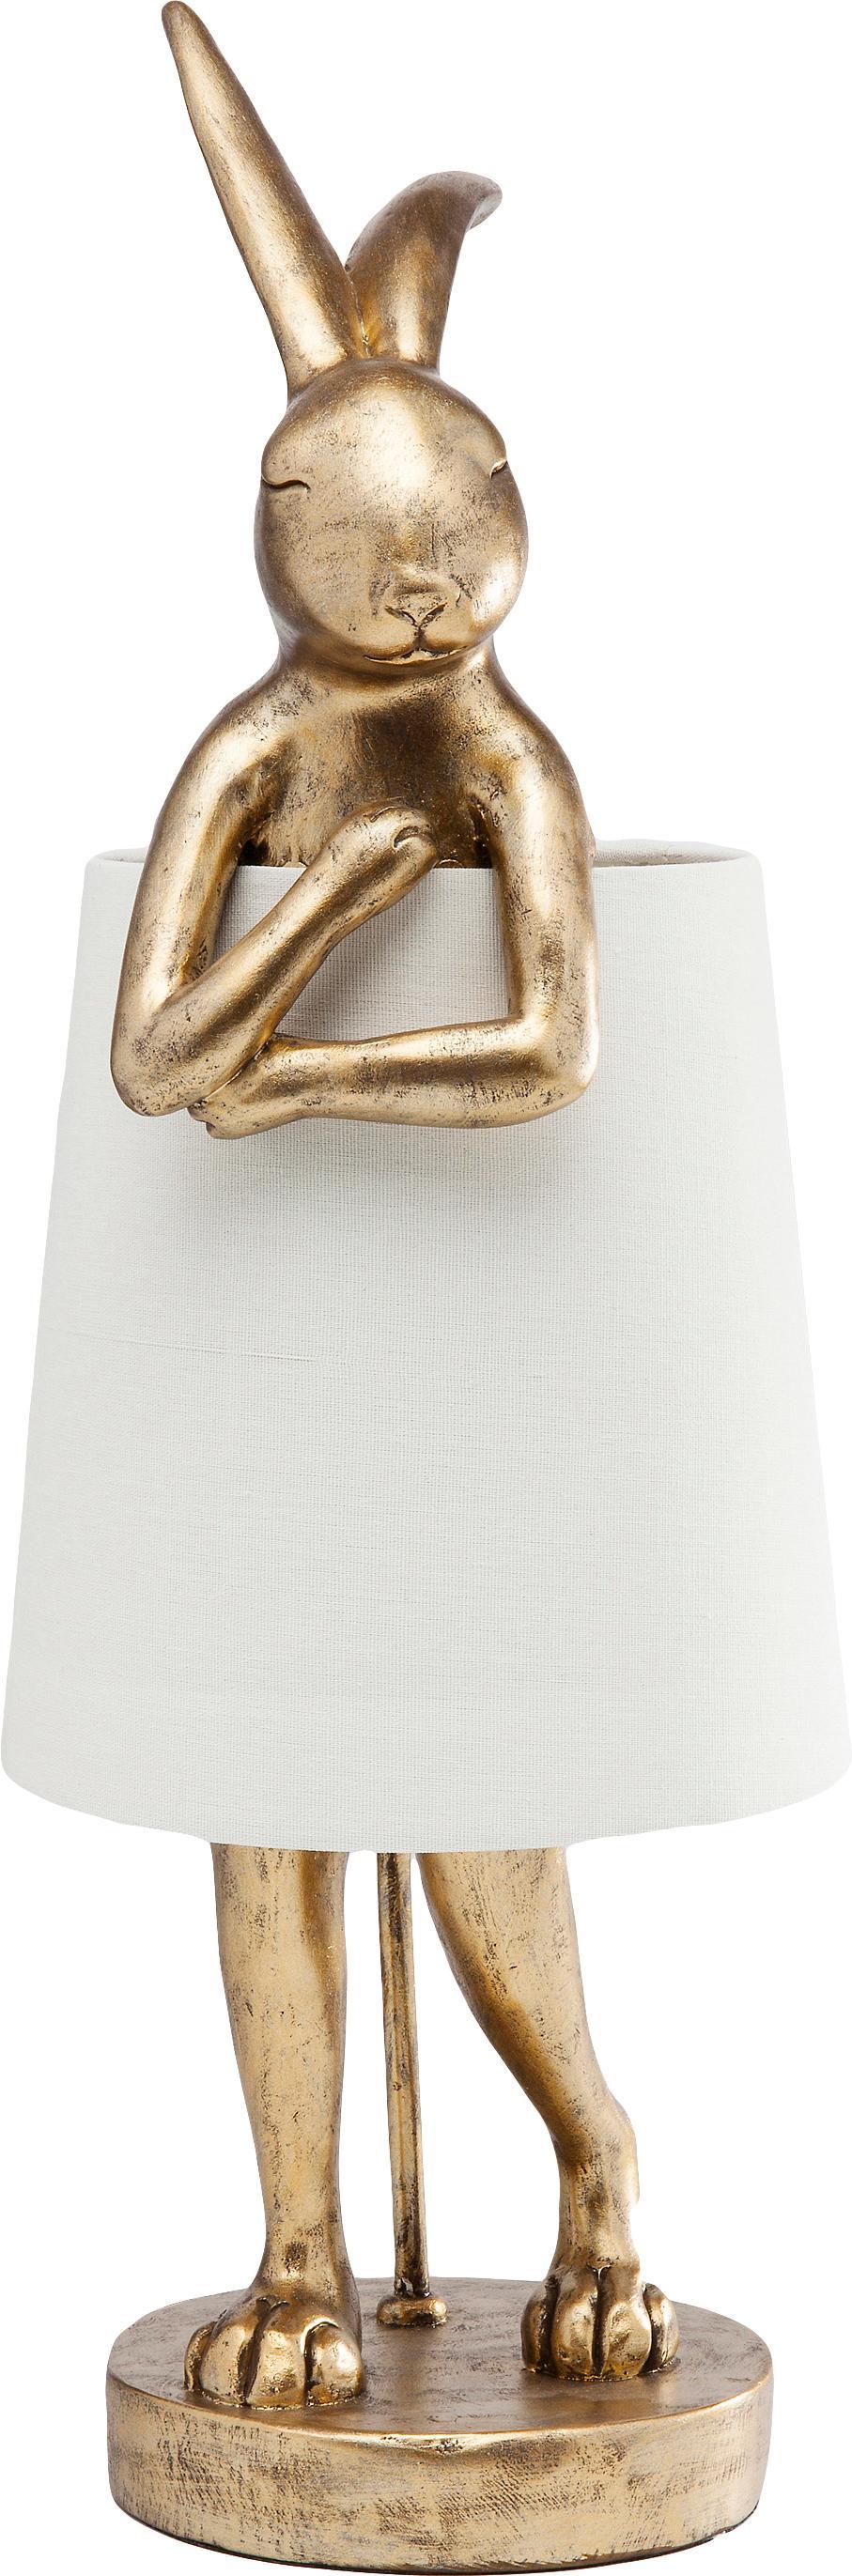 Lampada da tavolo di design Rabbit, Paralume: lino, Struttura: poliresina, Asta: acciaio verniciato a polv, Bianco, dorato, Ø 23 x Alt. 68 cm